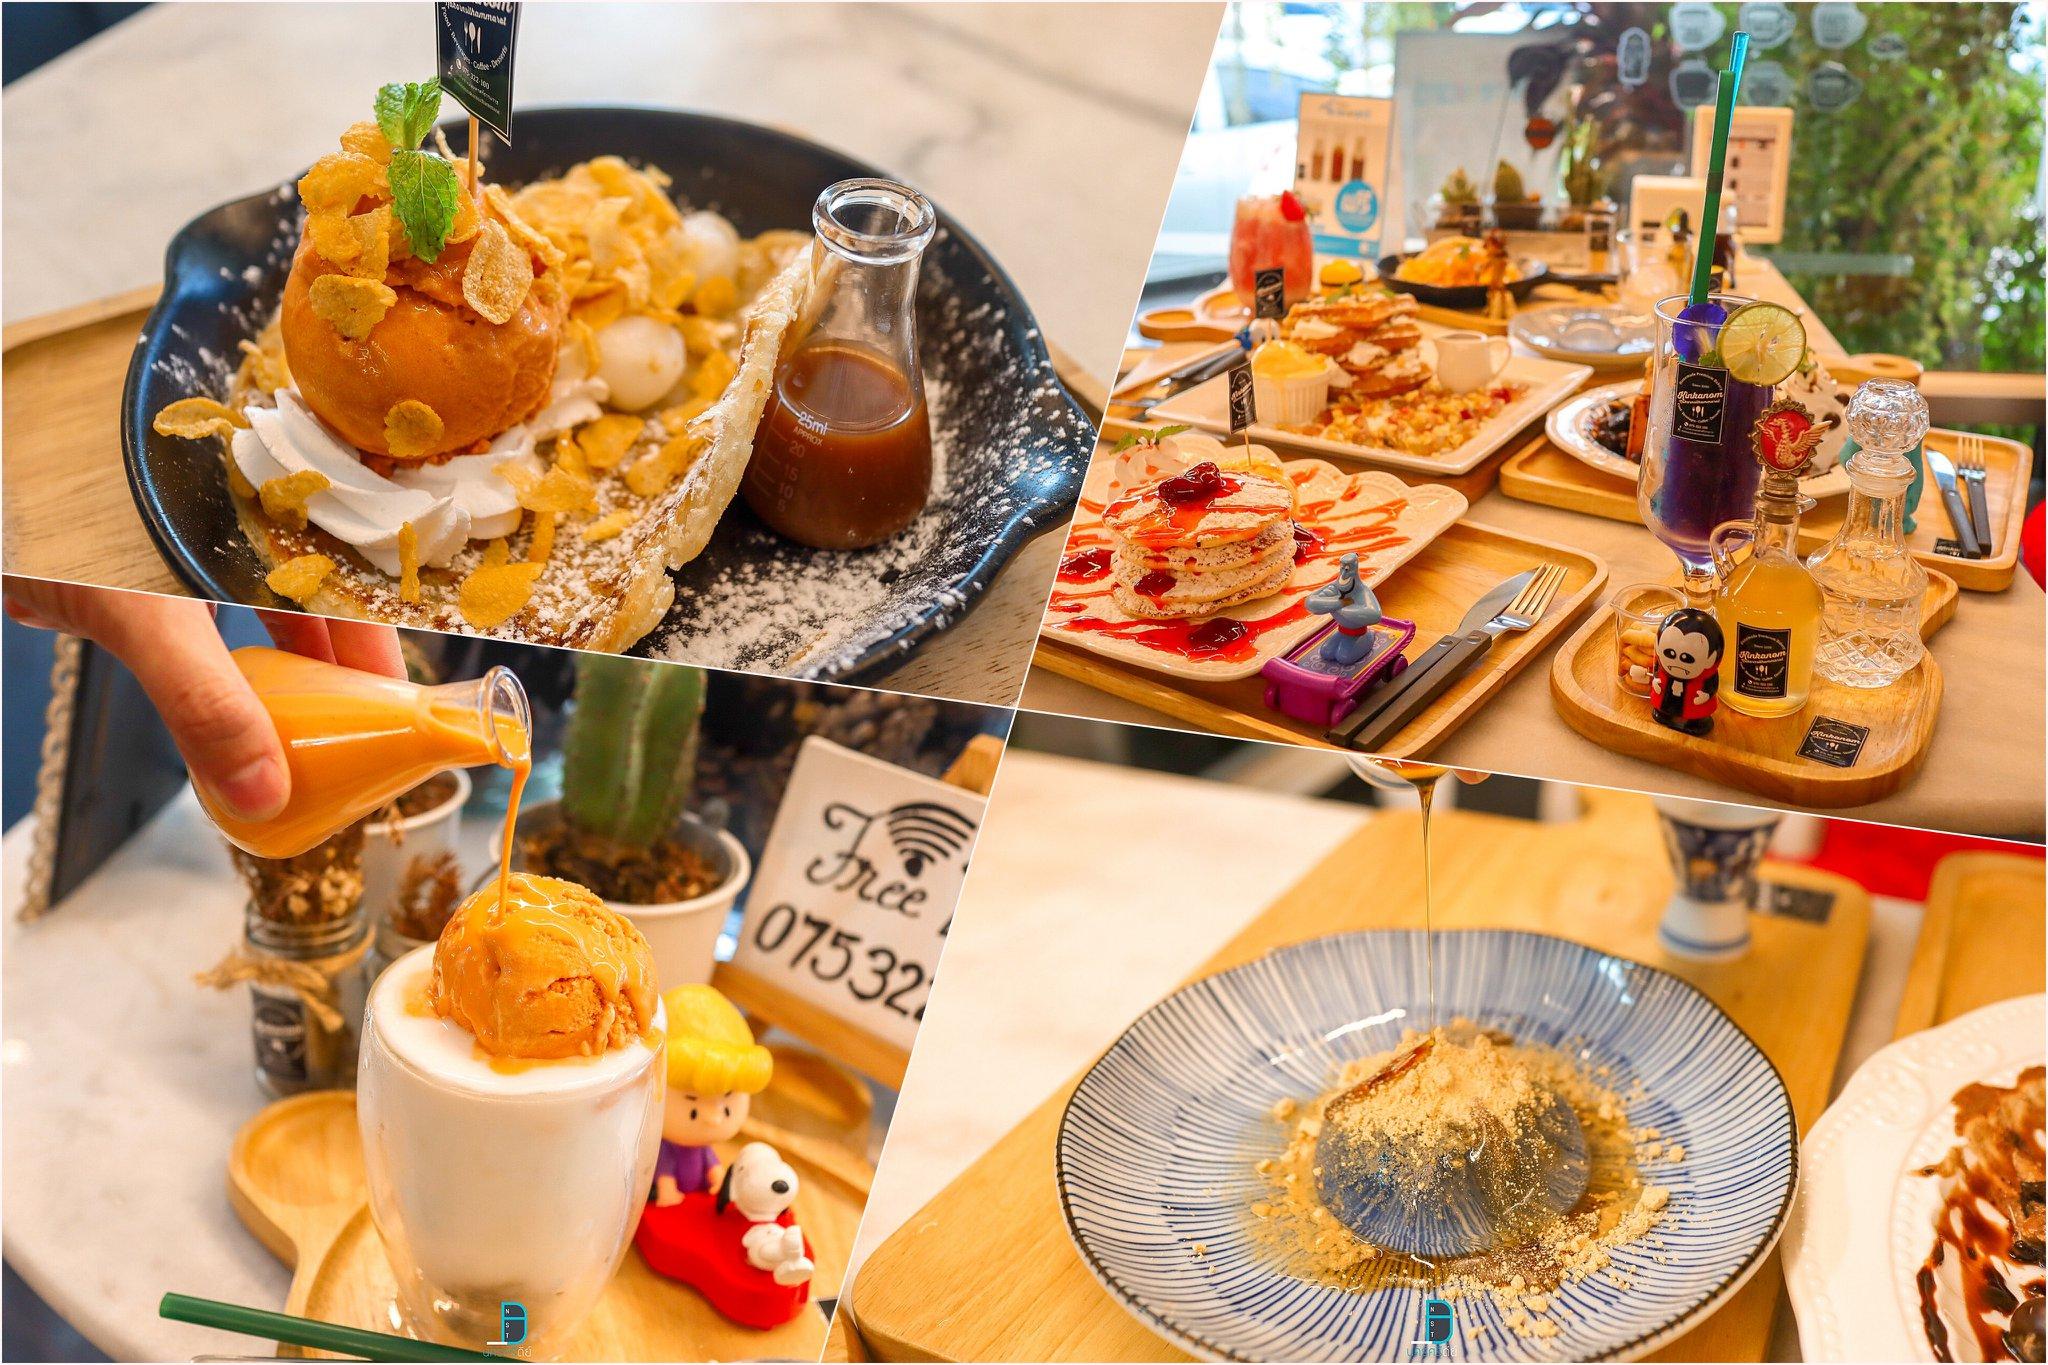 33.-ร้านกินขะหนม-นครศรีธรรมราช รายละเอียด-คลิก แหล่งท่องเที่ยว,นครศรี,จุดเช็คอิน,จุดถ่ายรูป,คาเฟ่,ของกิน,จุดกิน